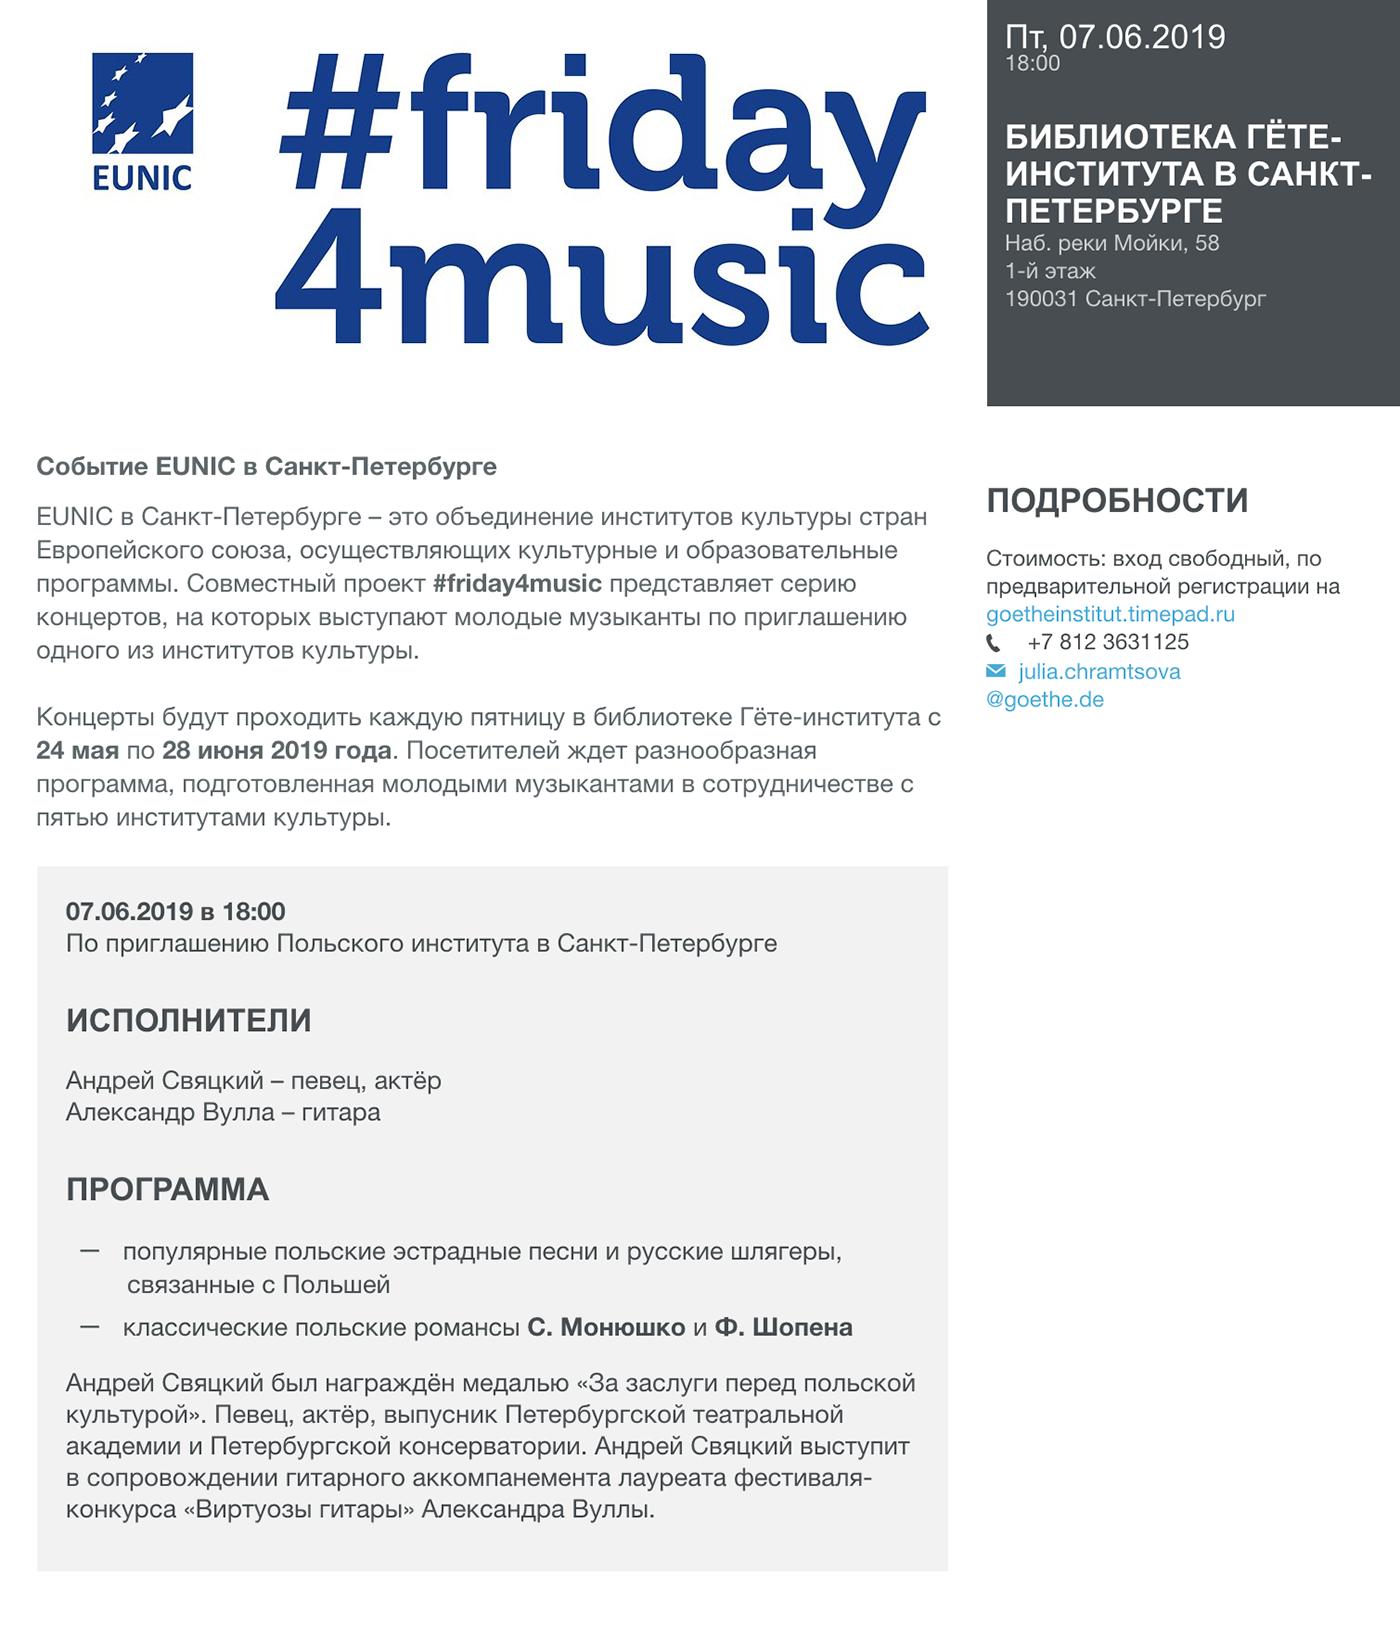 В конце мая — начале июня институт проводил фестиваль #Friday4music. Можно было бесплатно послушать Брамса, Моцарта, Россини и Шопена